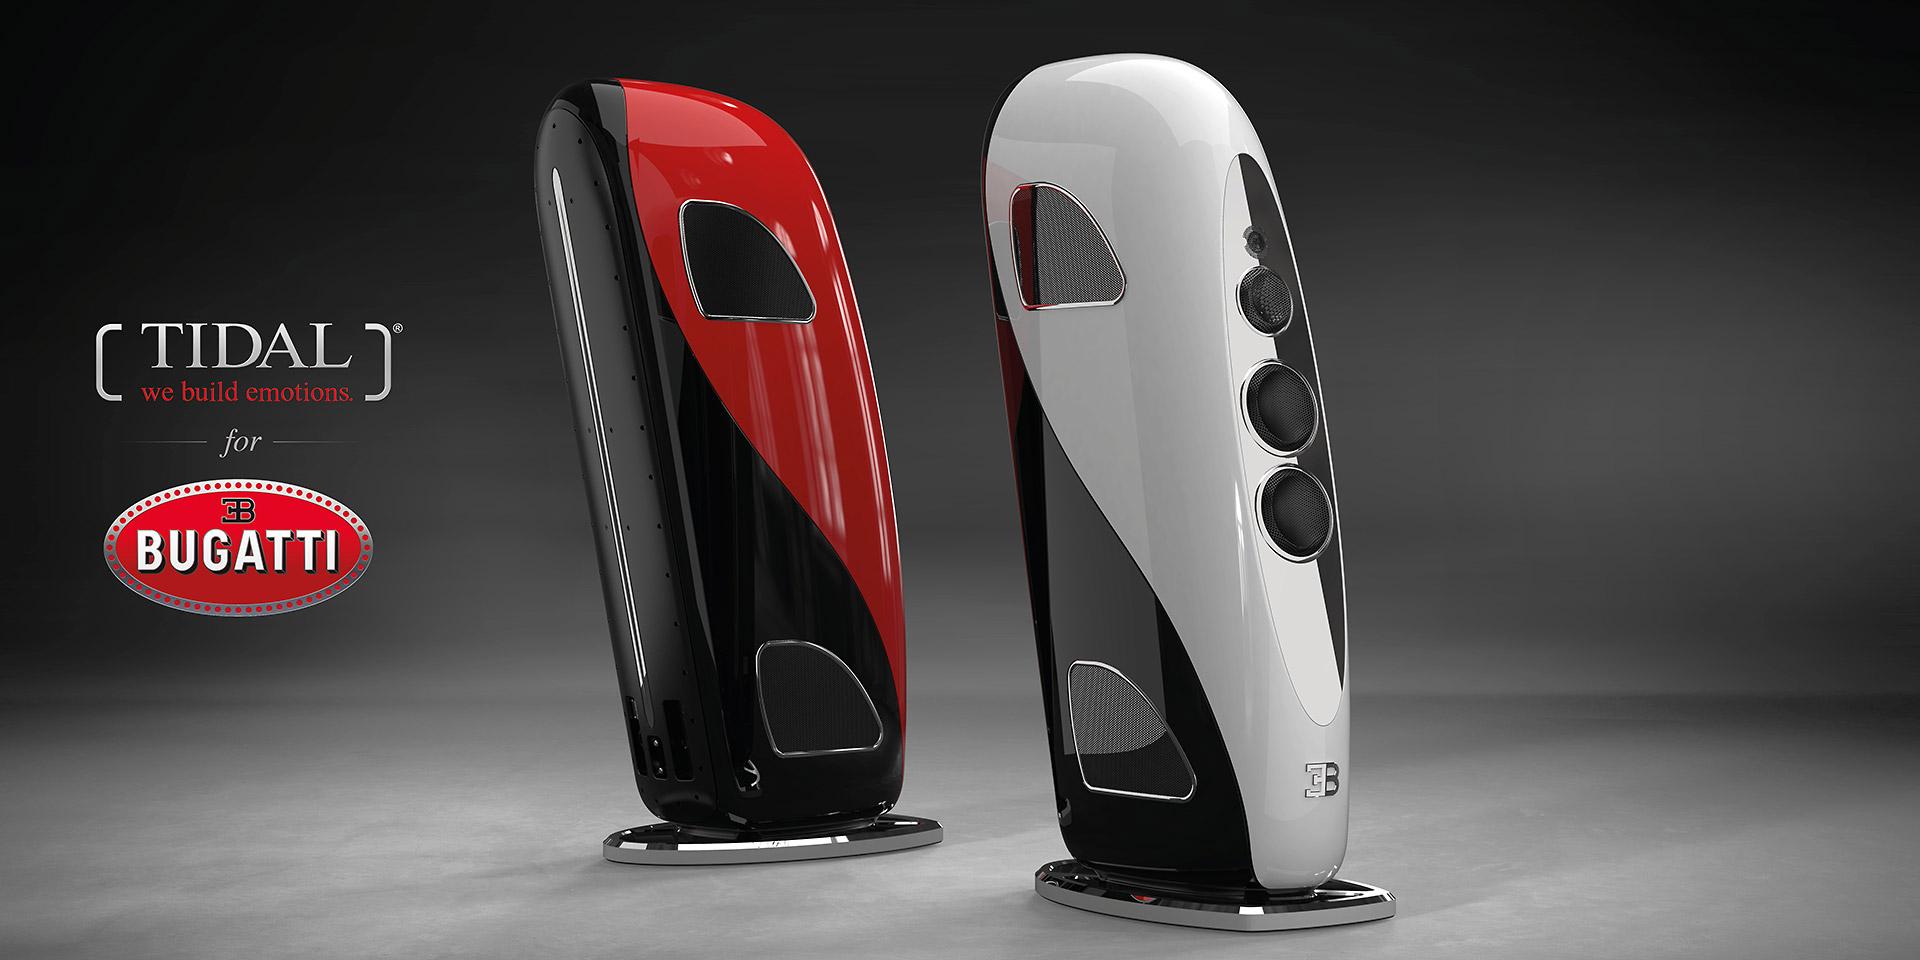 tidal-for-bugatti-slider-template22